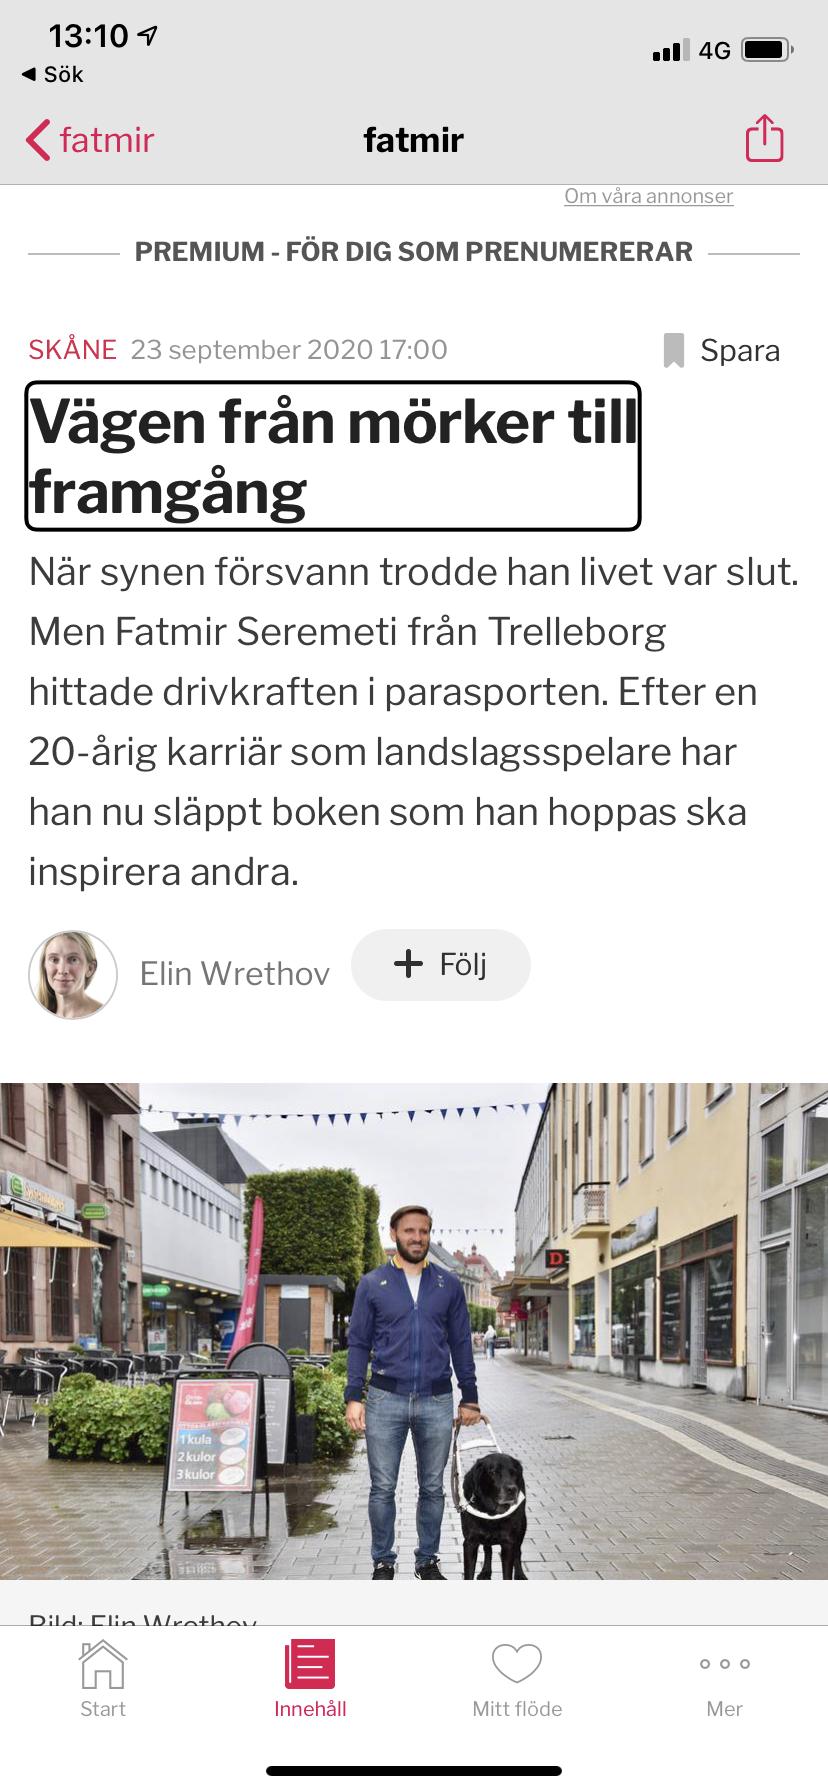 Bild på artikeln i Sydsvenskan. Från mörker till framgång av Fatmir Seremeti